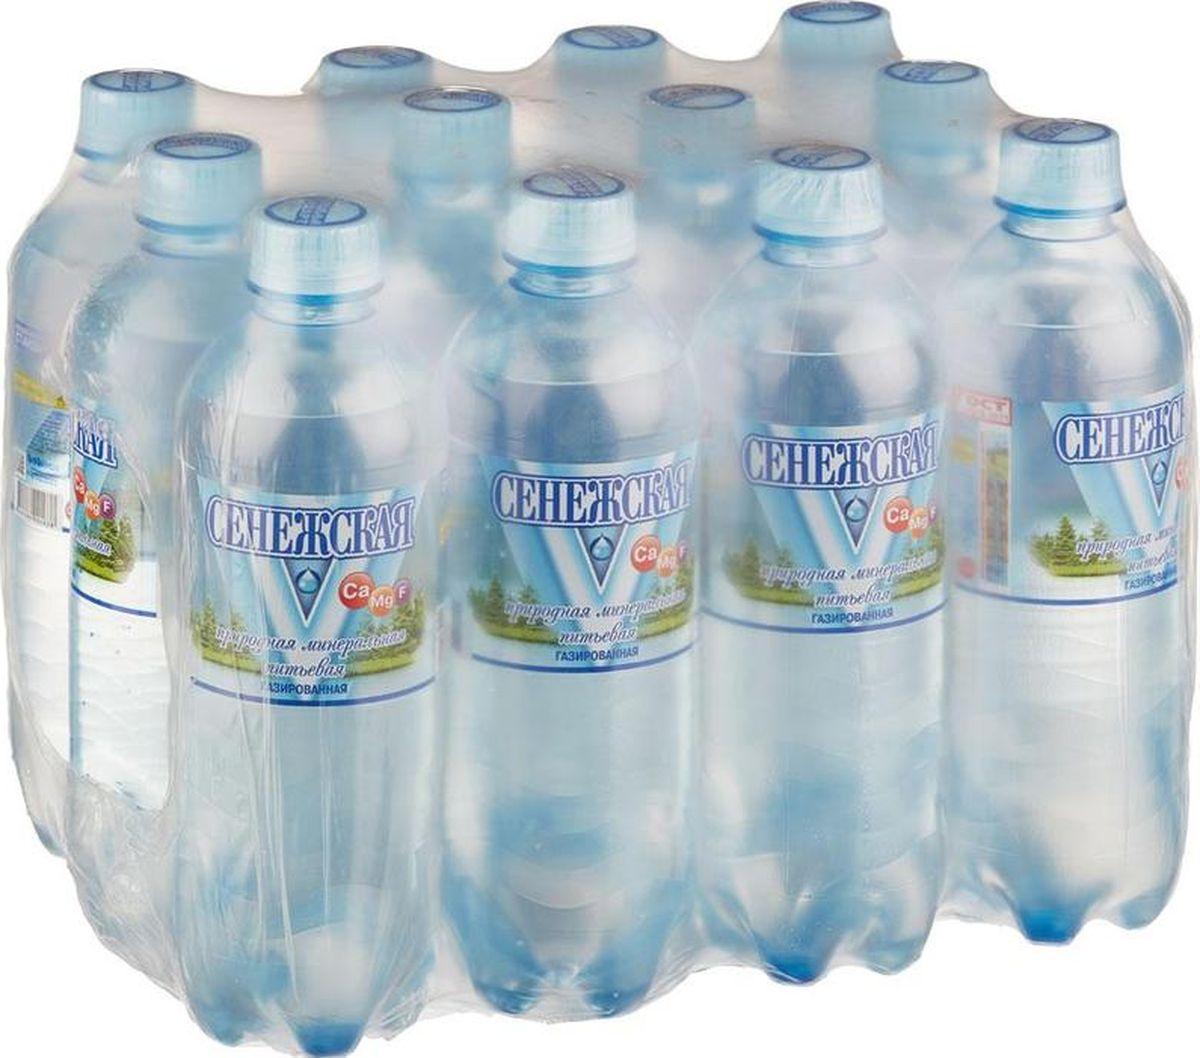 Сенежская Вода газированная, 12 шт по 0,5 л сенежская вода малютка 5 л